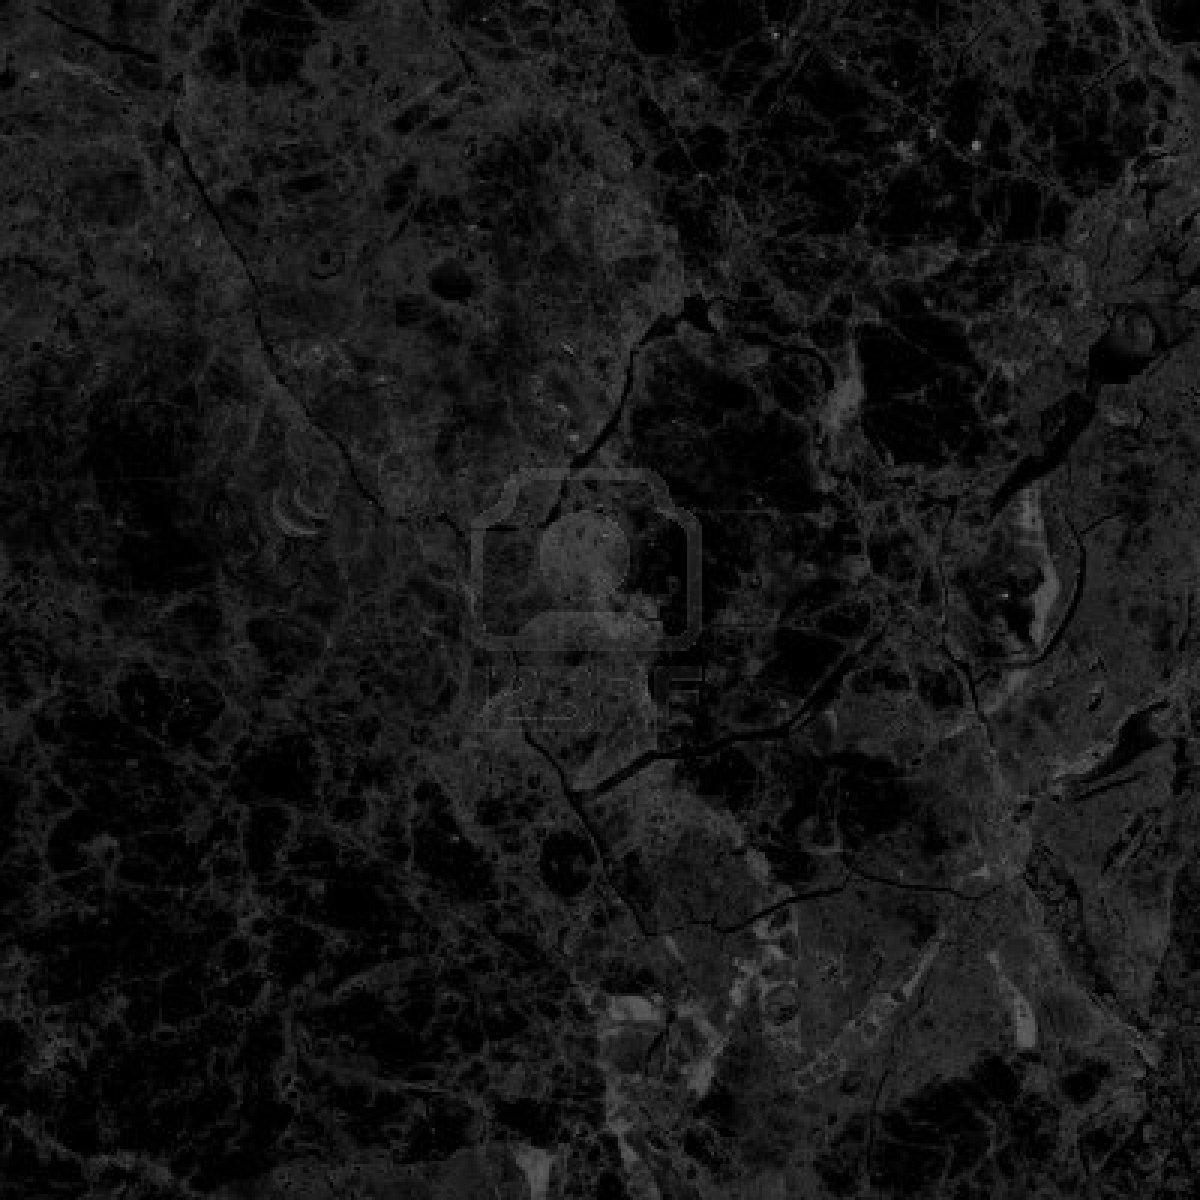 Black Marble Wallpaper Wallpapersafari